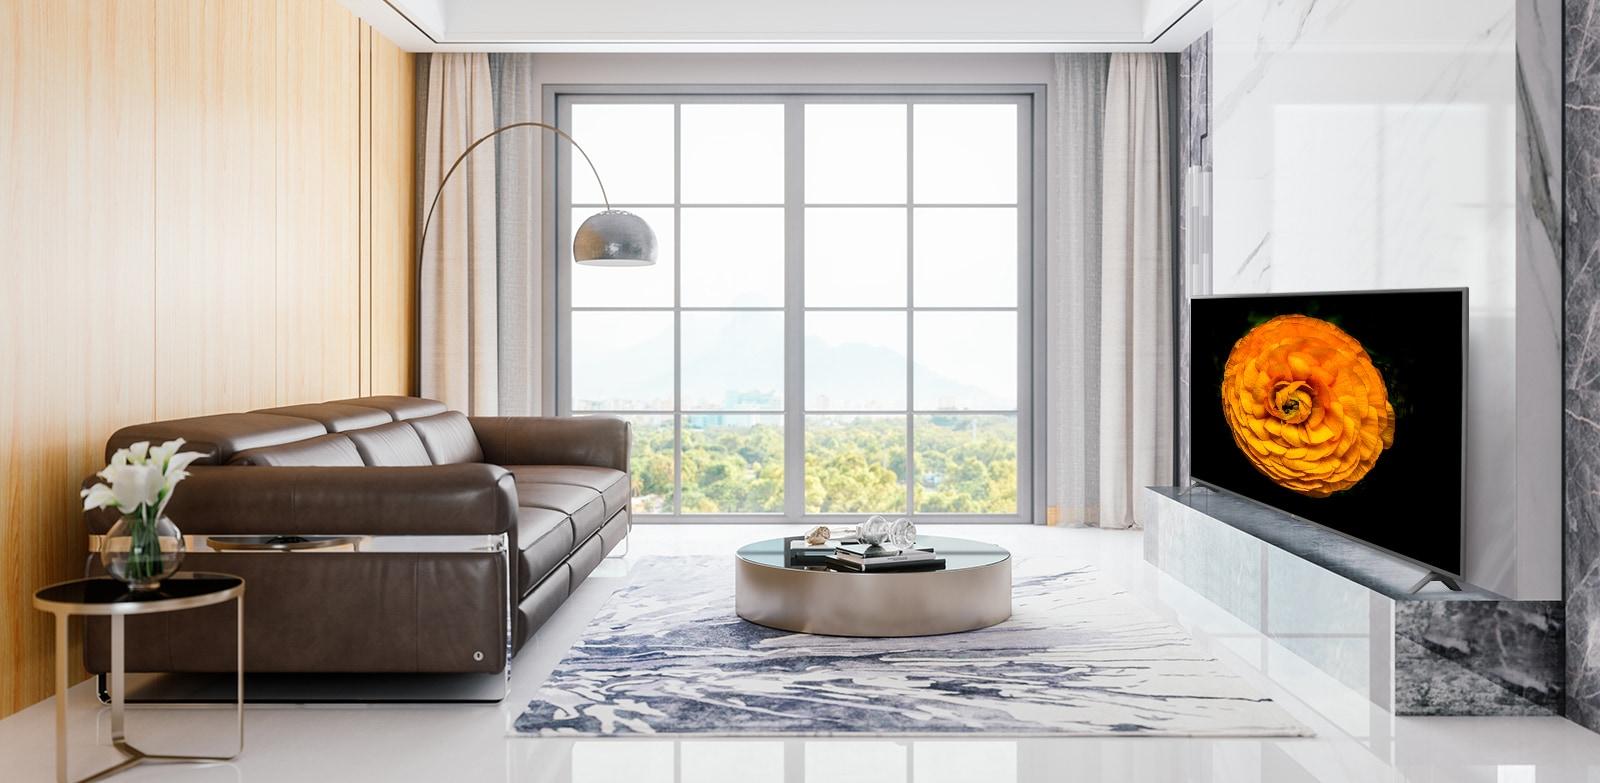 TV LG UHD ubicado en la pared de una sala de estar con el interior minimalista. La imagen de una flor se muestra en la pantalla del televisor.